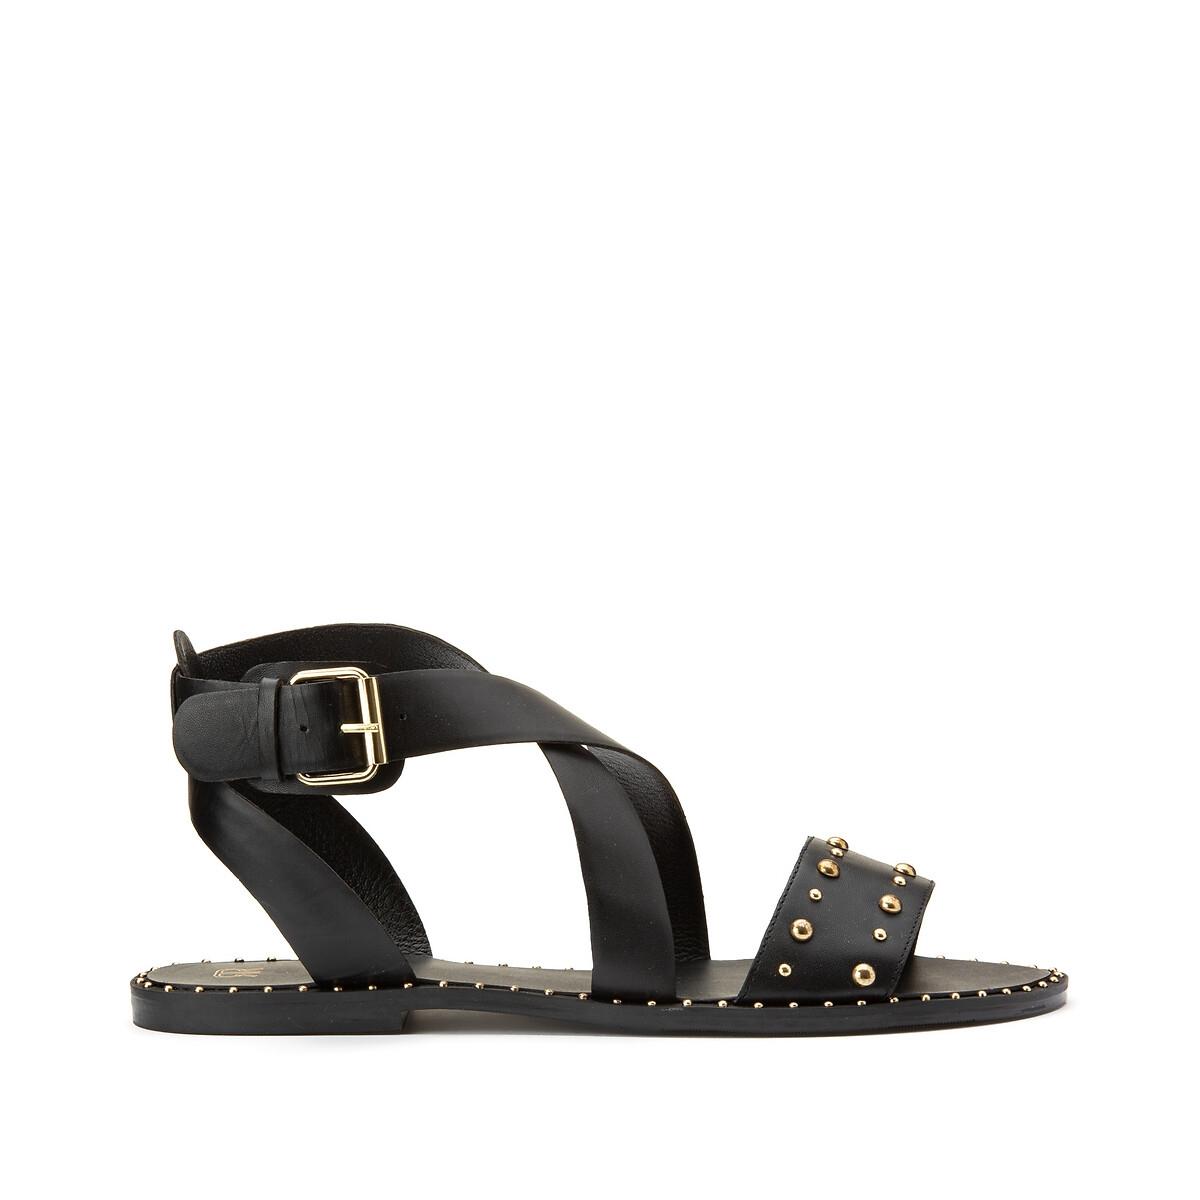 Sandales en cuir talon plat, pied large 38-45